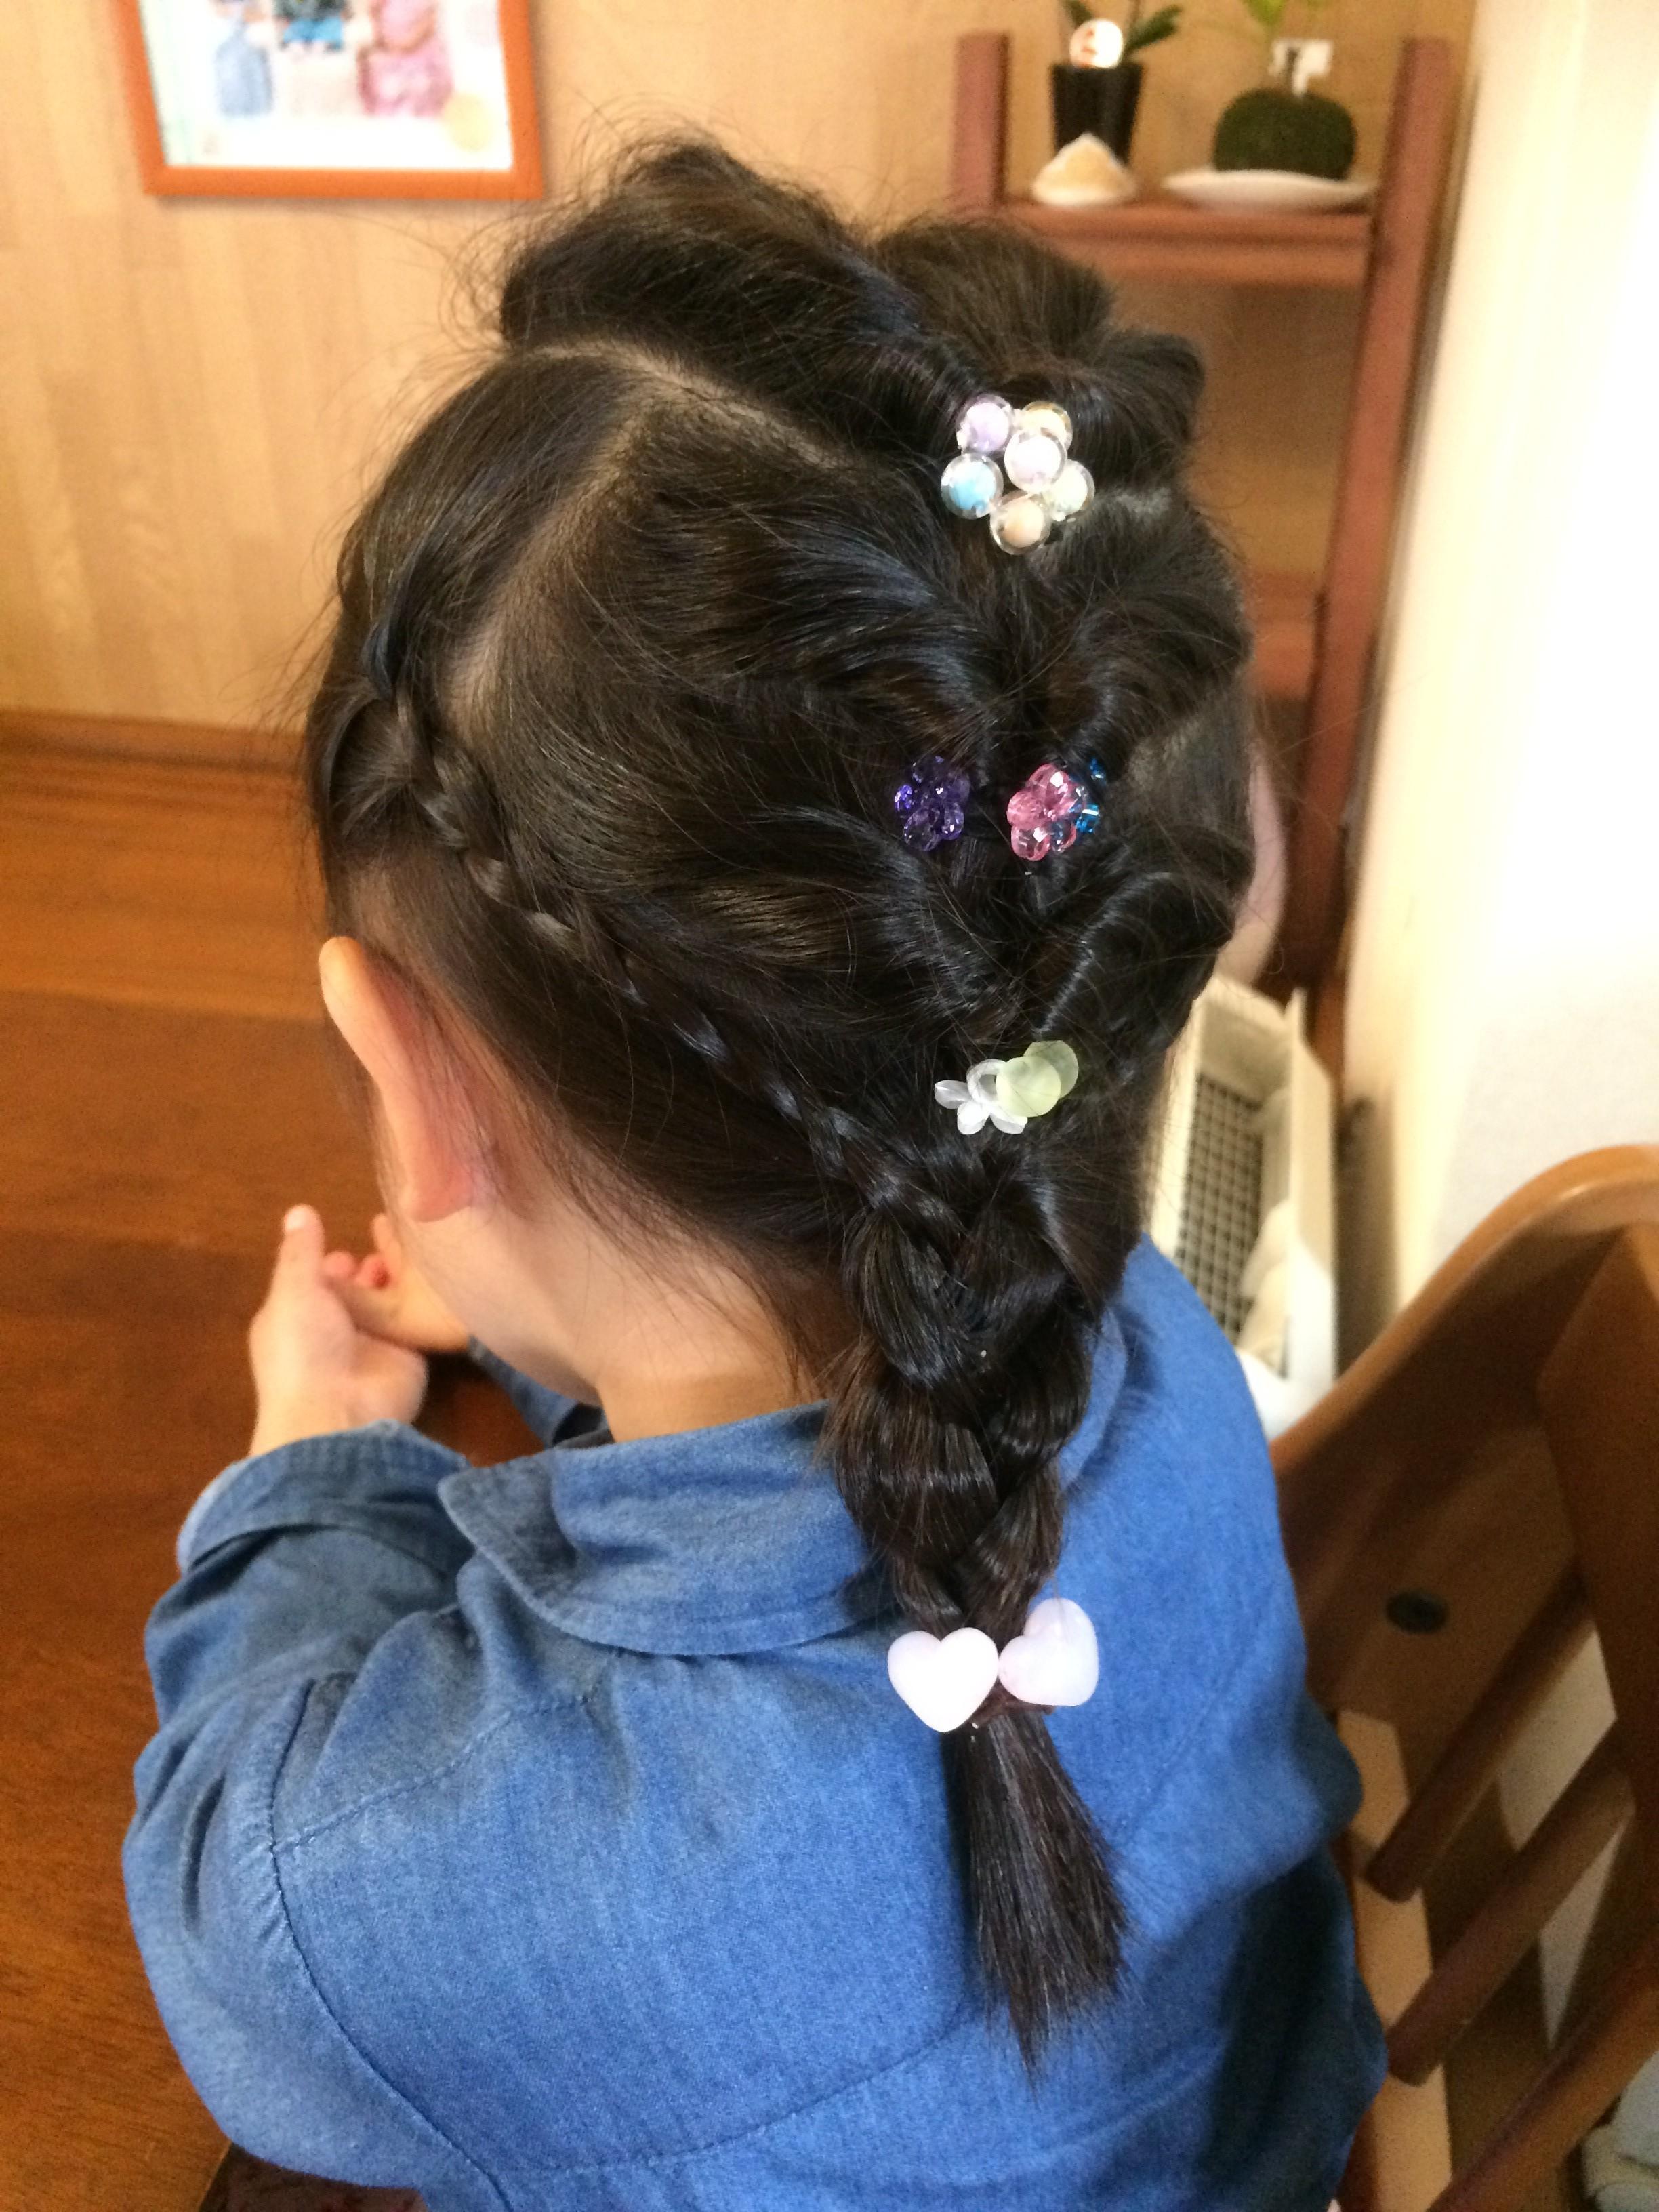 ラプンツェルの髪型もエルサとほぼ一緒。 後ろで編み込みプラス、実はサイドに細い三つ編みもしてるんです。 (私は最近知りました!)